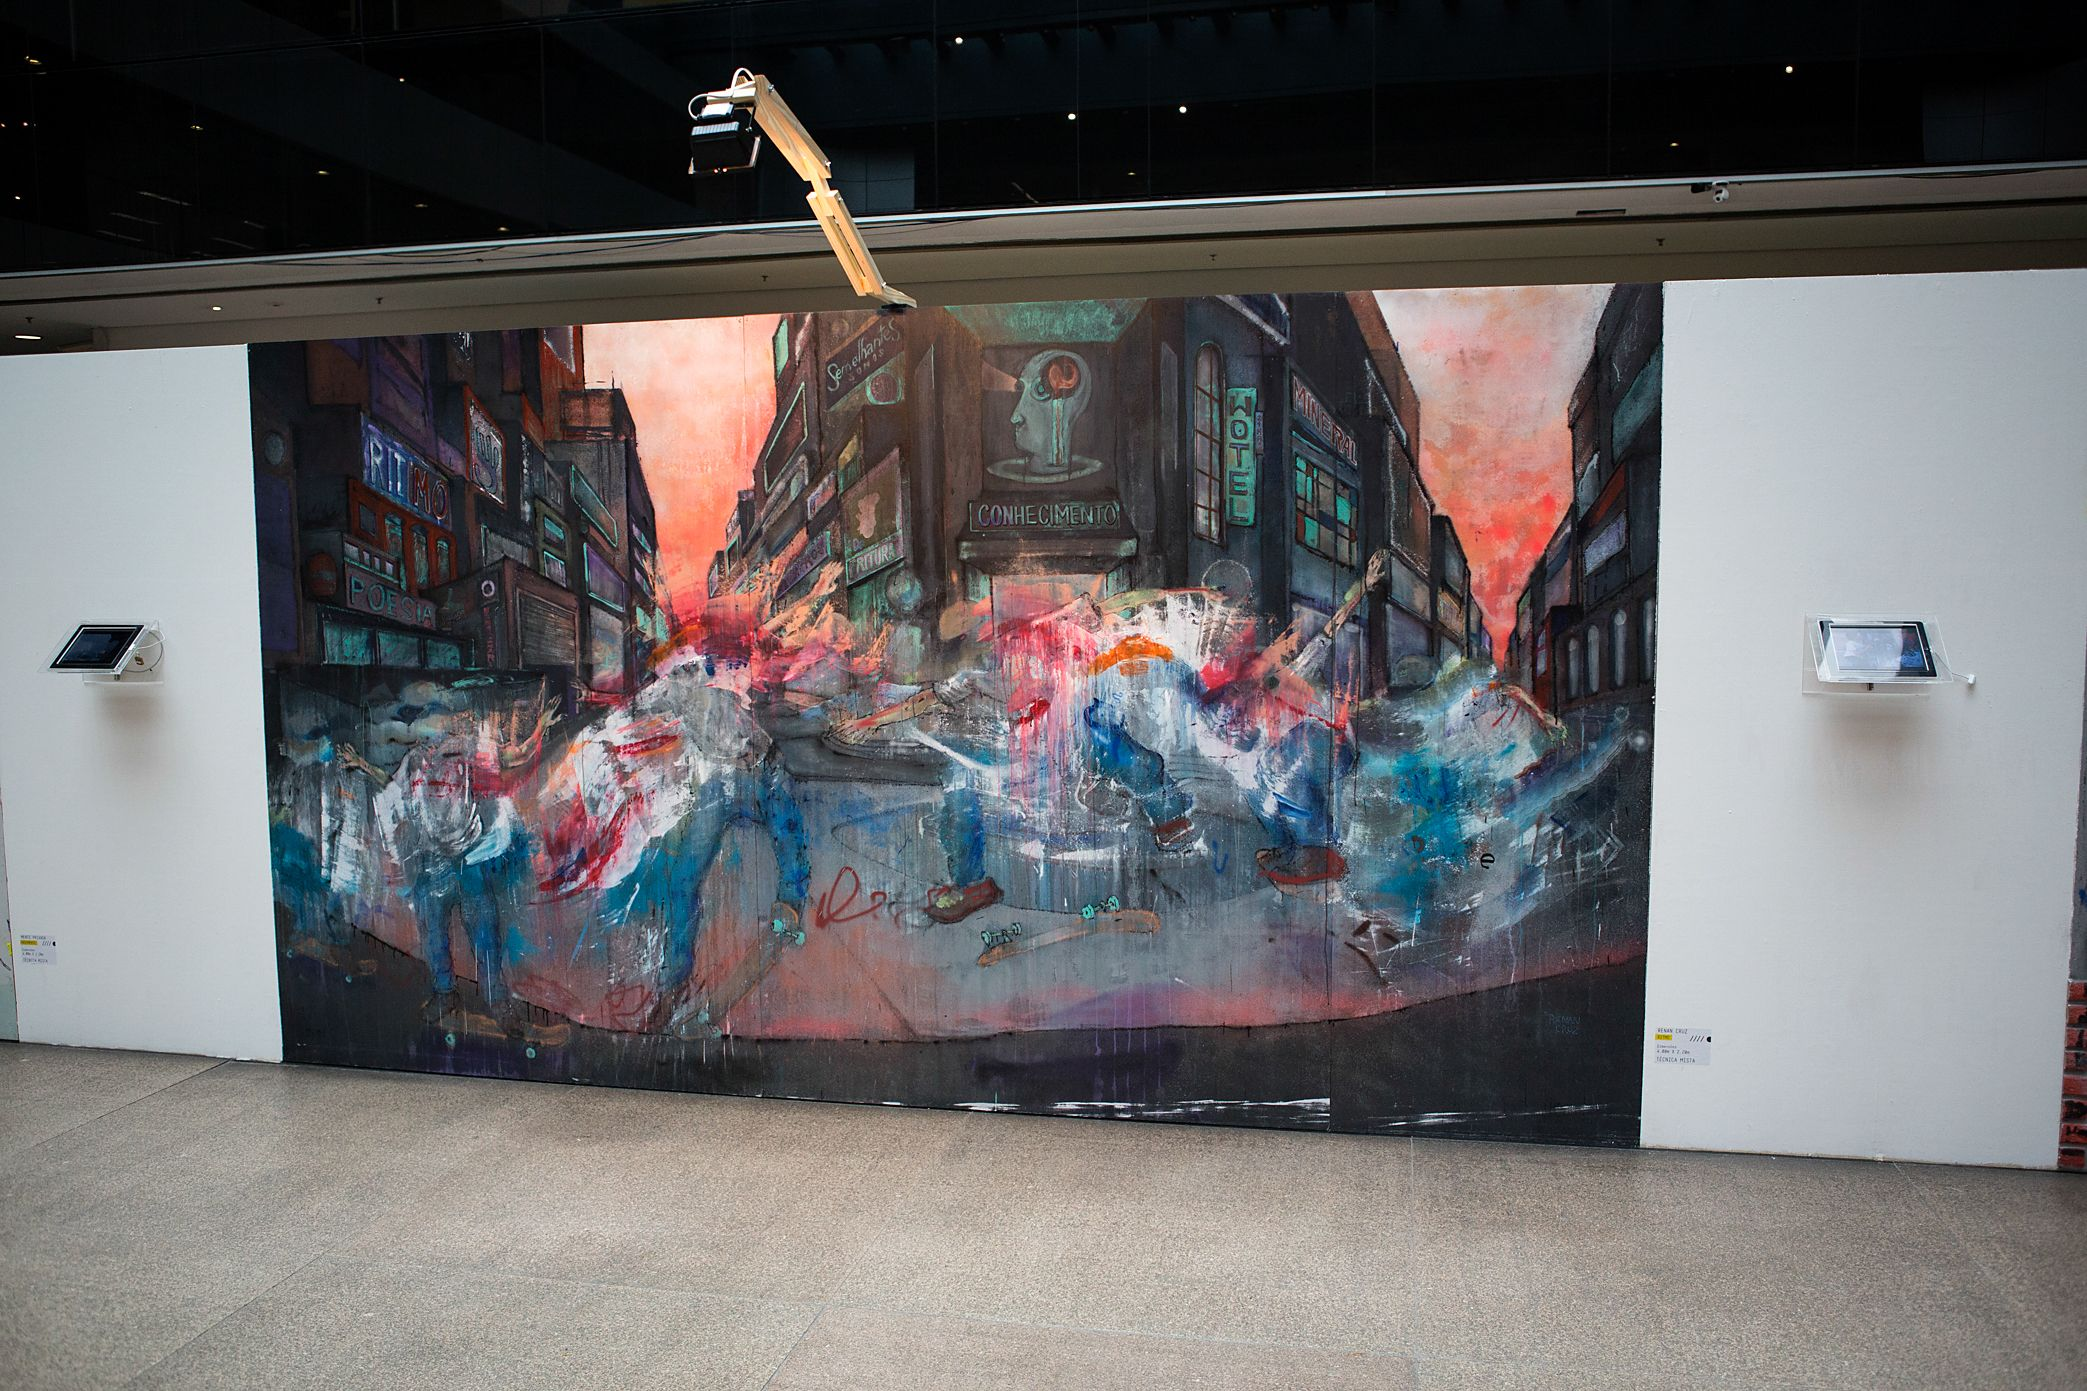 Pintura painel mostra Transformação 2014  Tecnica mista 4 x 2 m